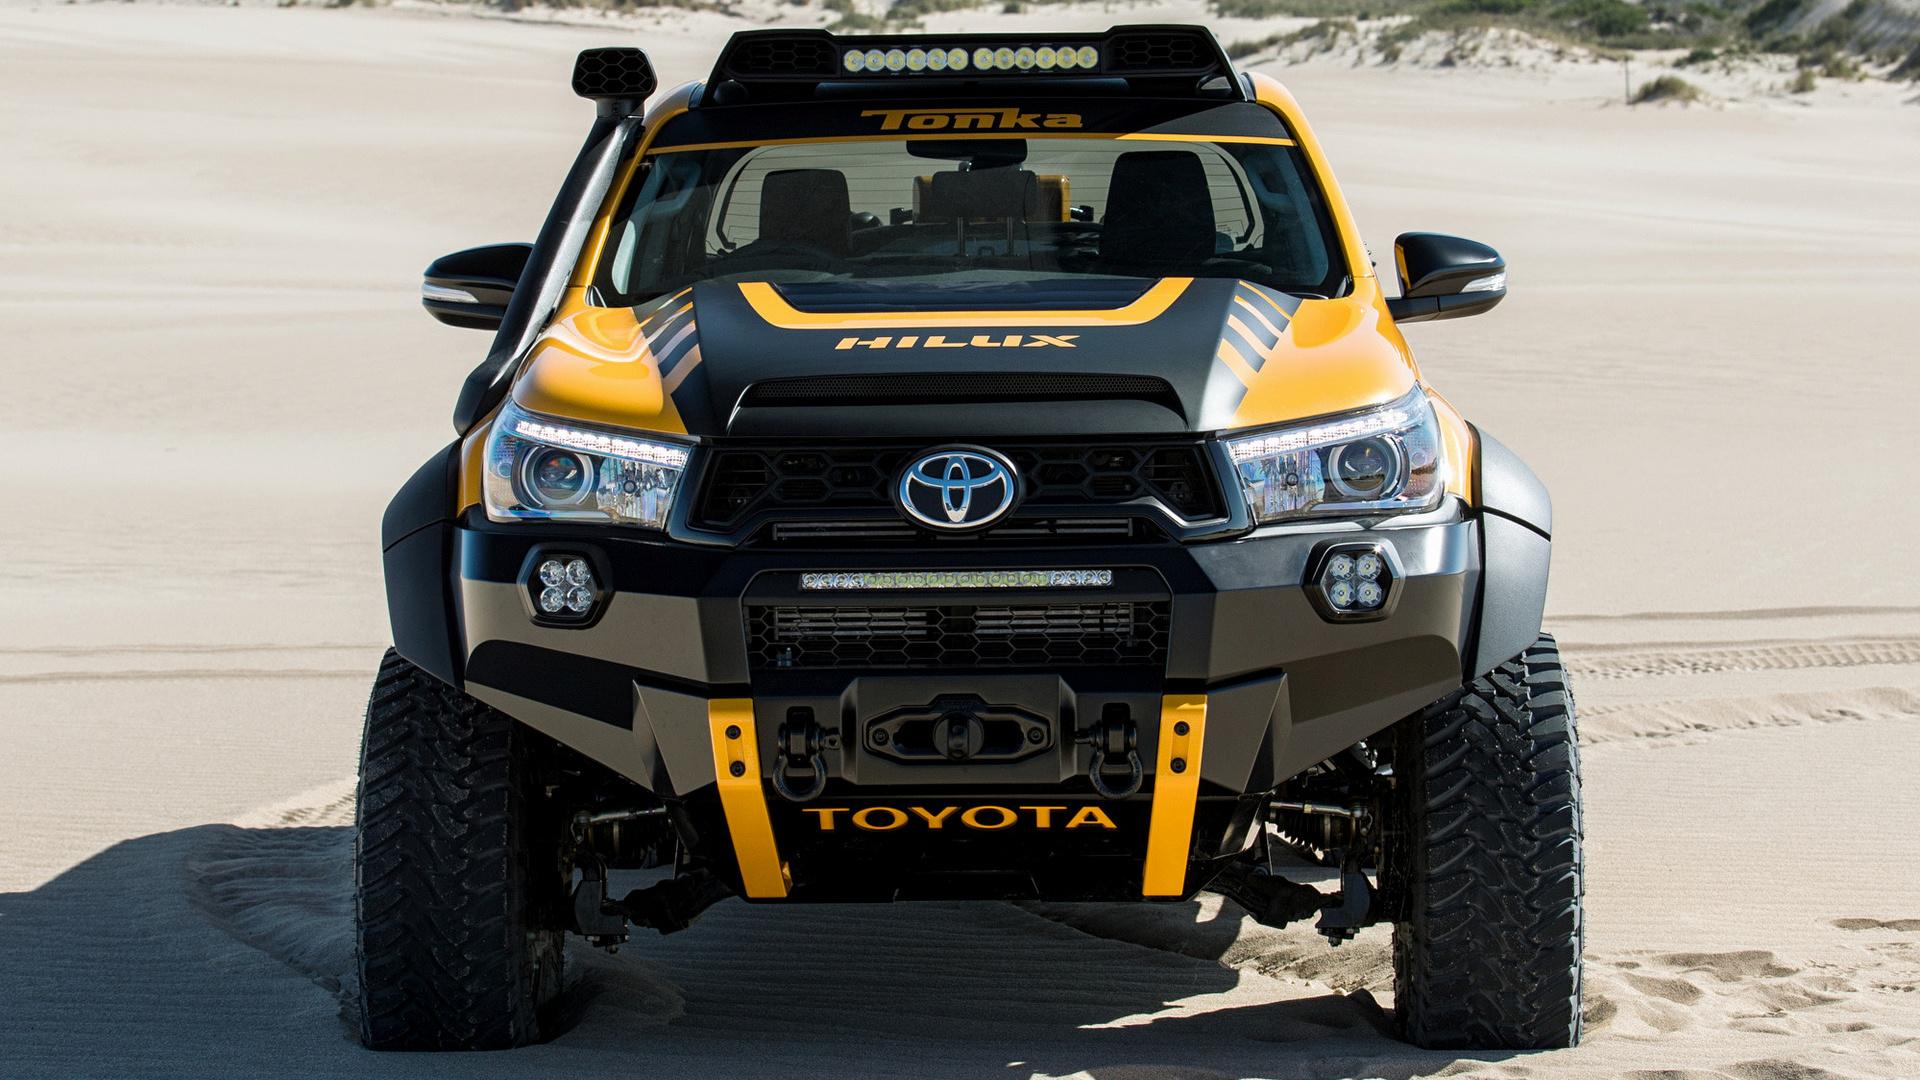 Toyota Hilux Wallpaper Hd   Tonka Hilux 504423   HD Wallpaper 1920x1080